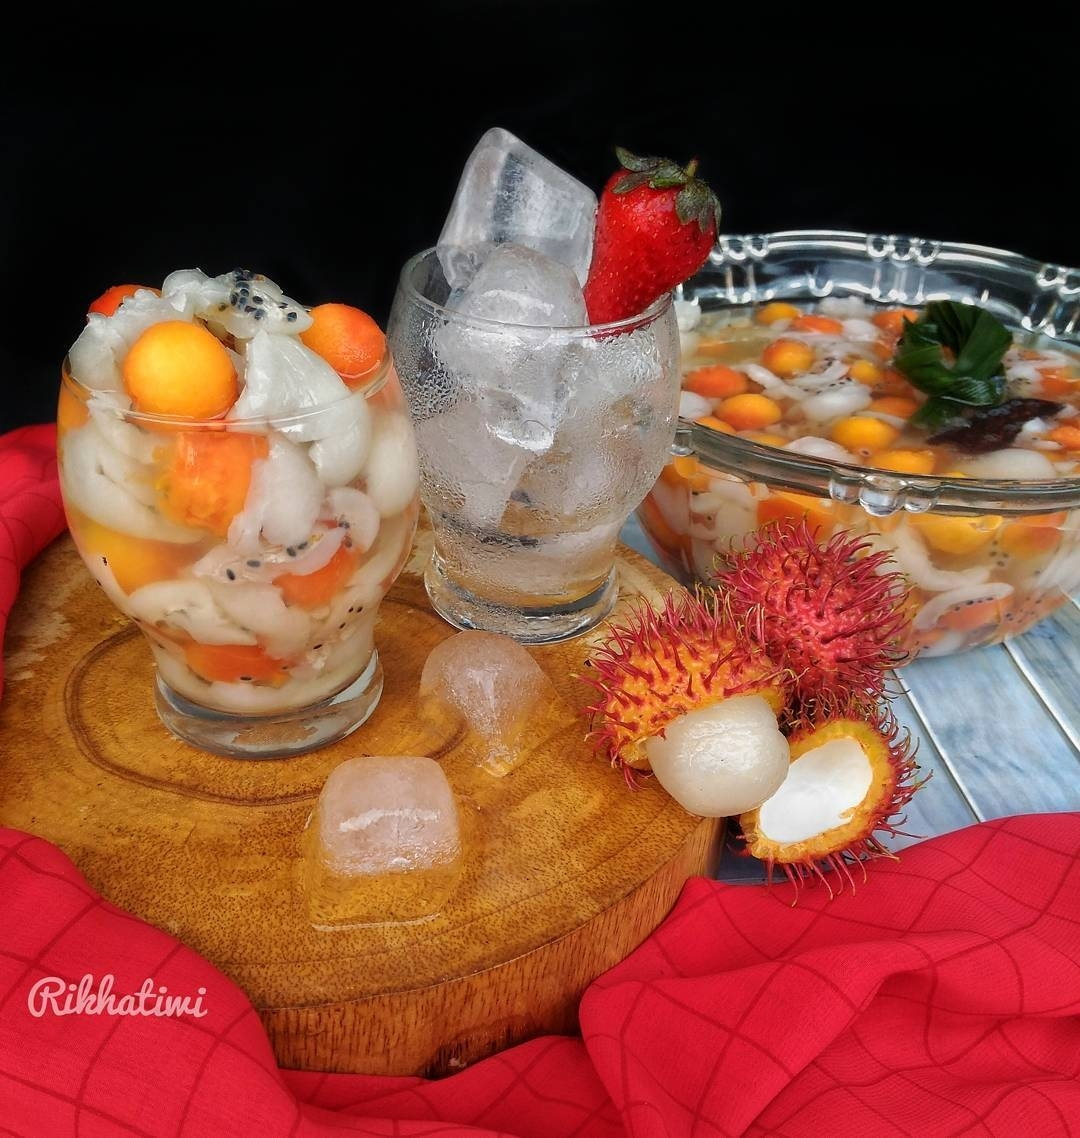 Resep Es Rambutan Seger By rikhatiwi Maknyus Diminum Siang Hari Saat Panas